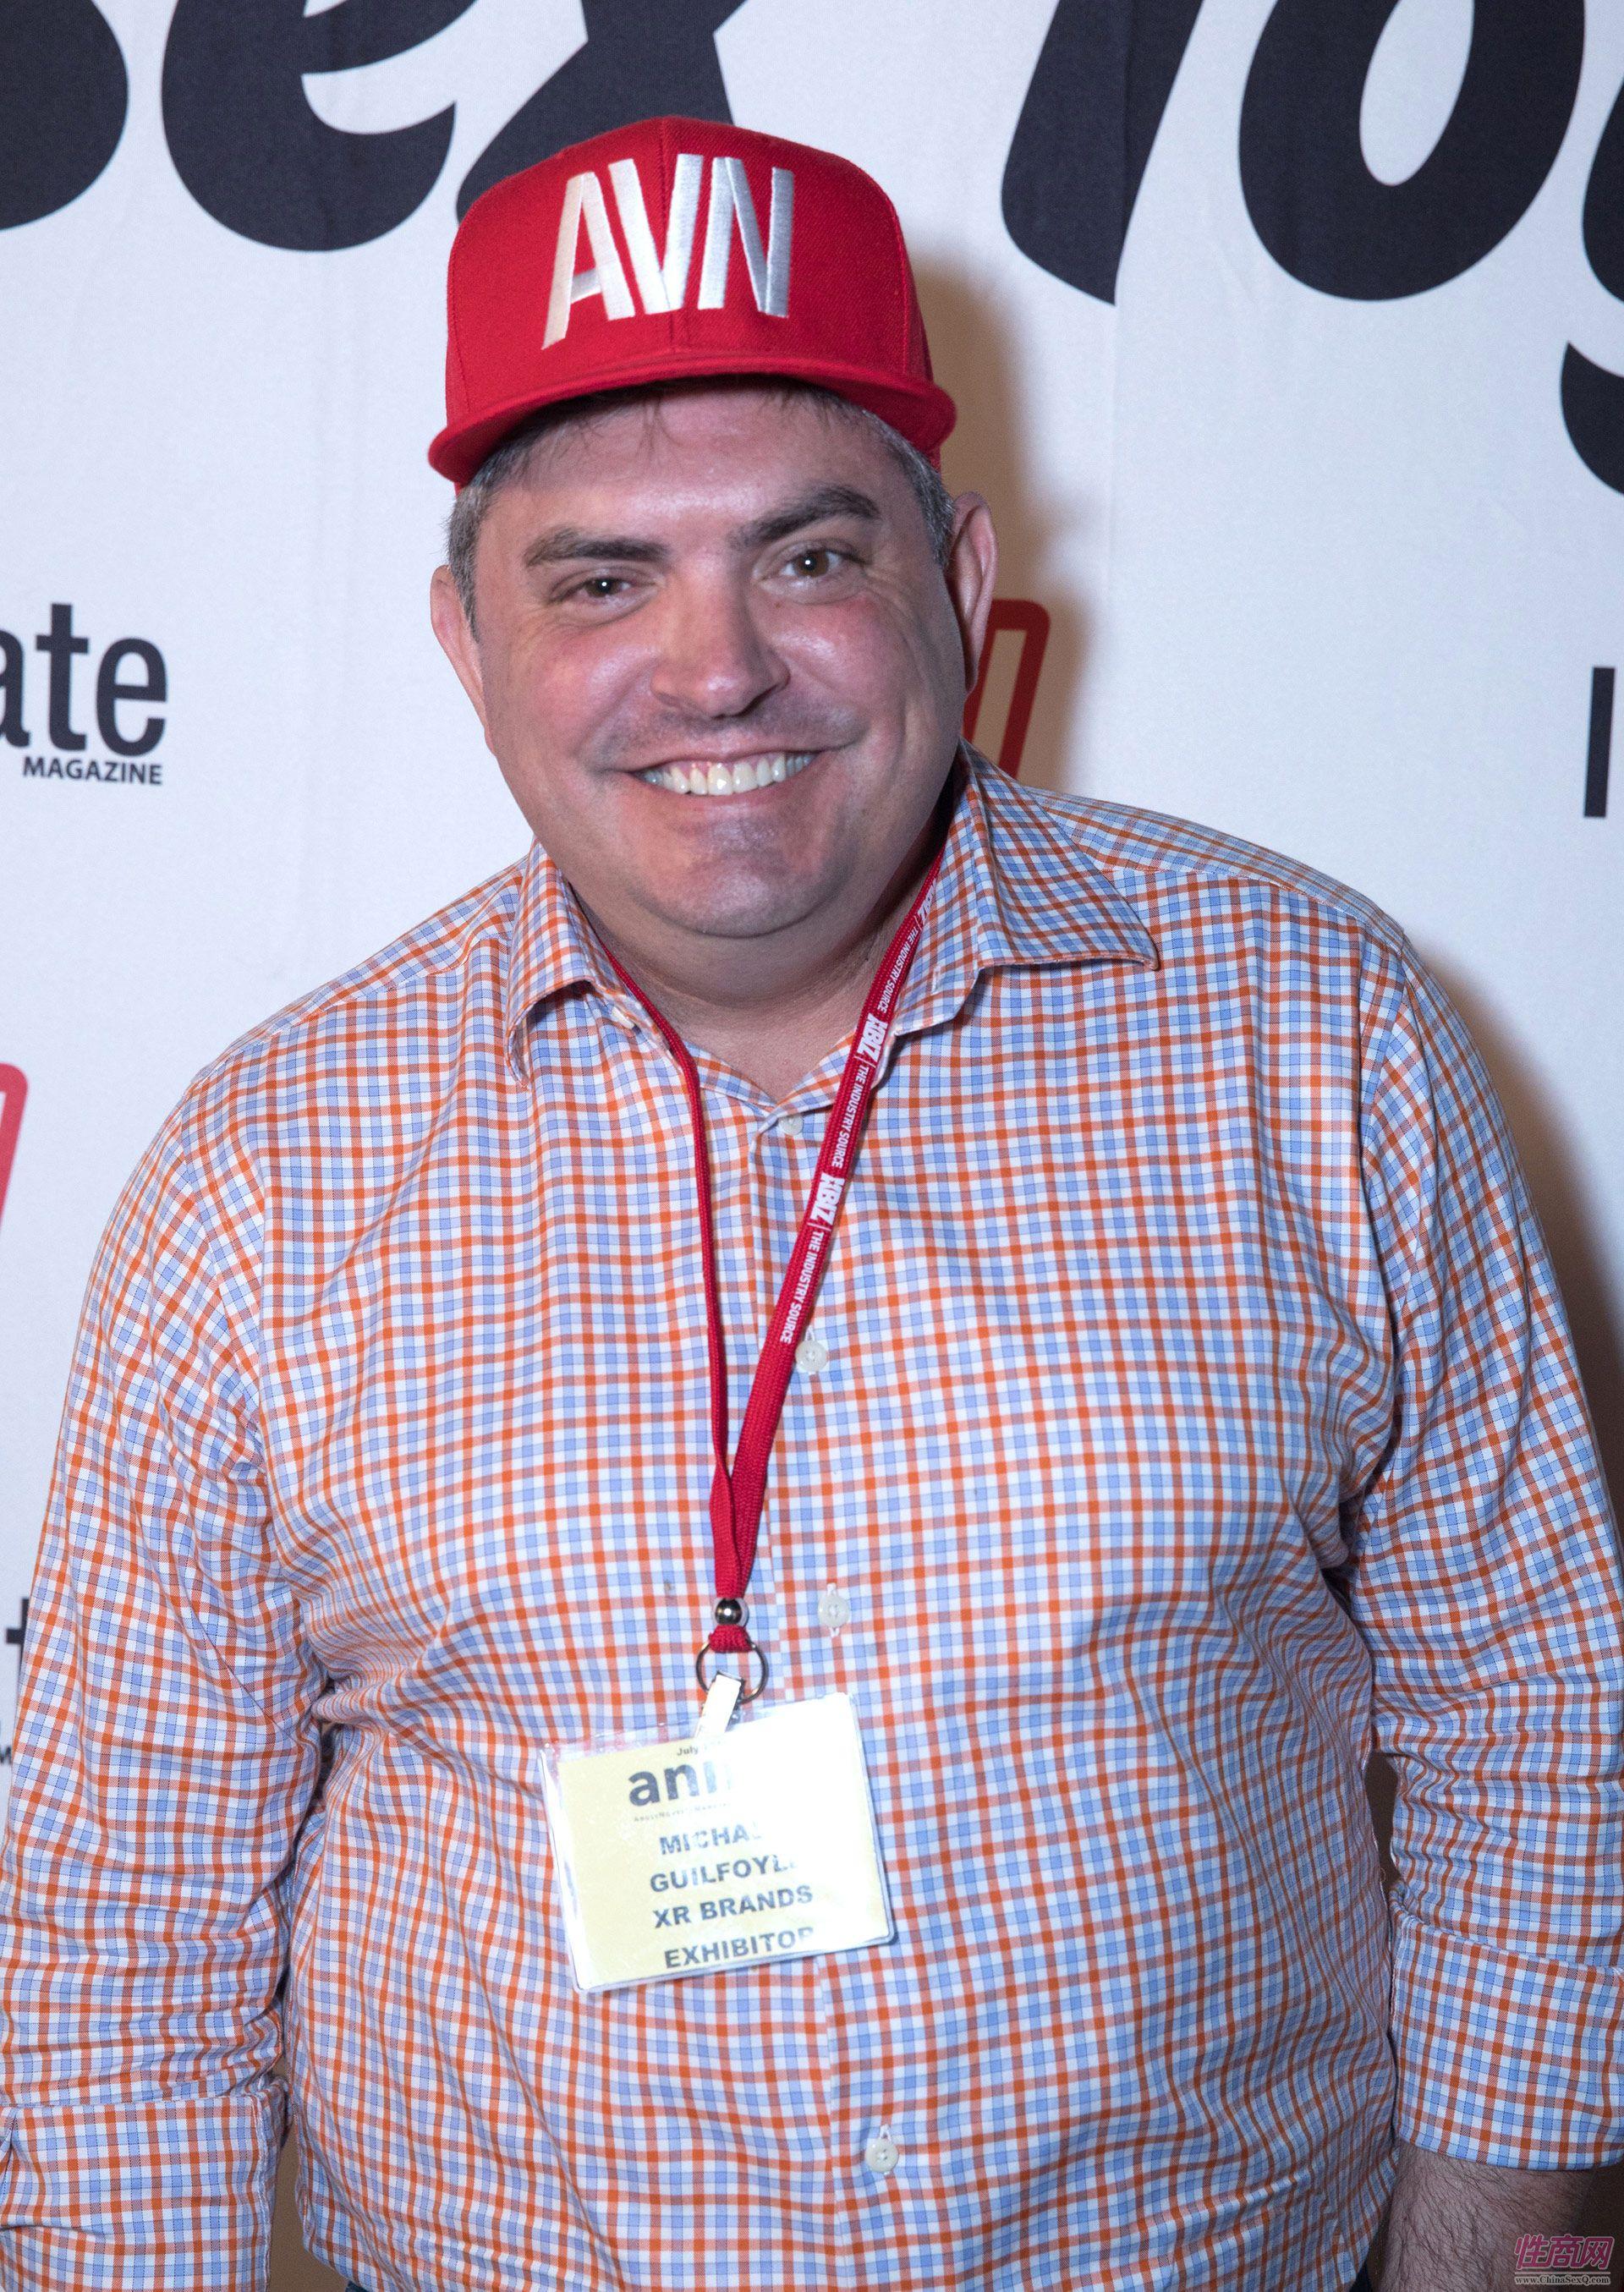 男嘉宾戴着AVN的广告帽子